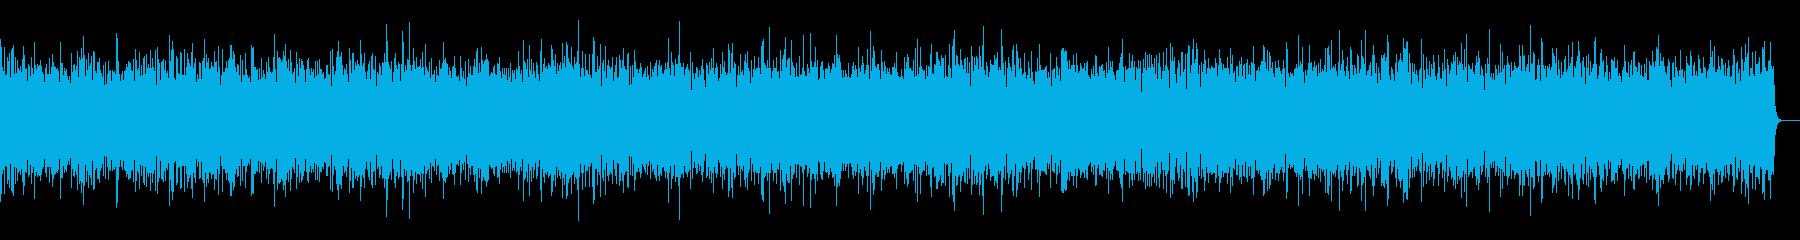 News39 16bit44kHzVerの再生済みの波形